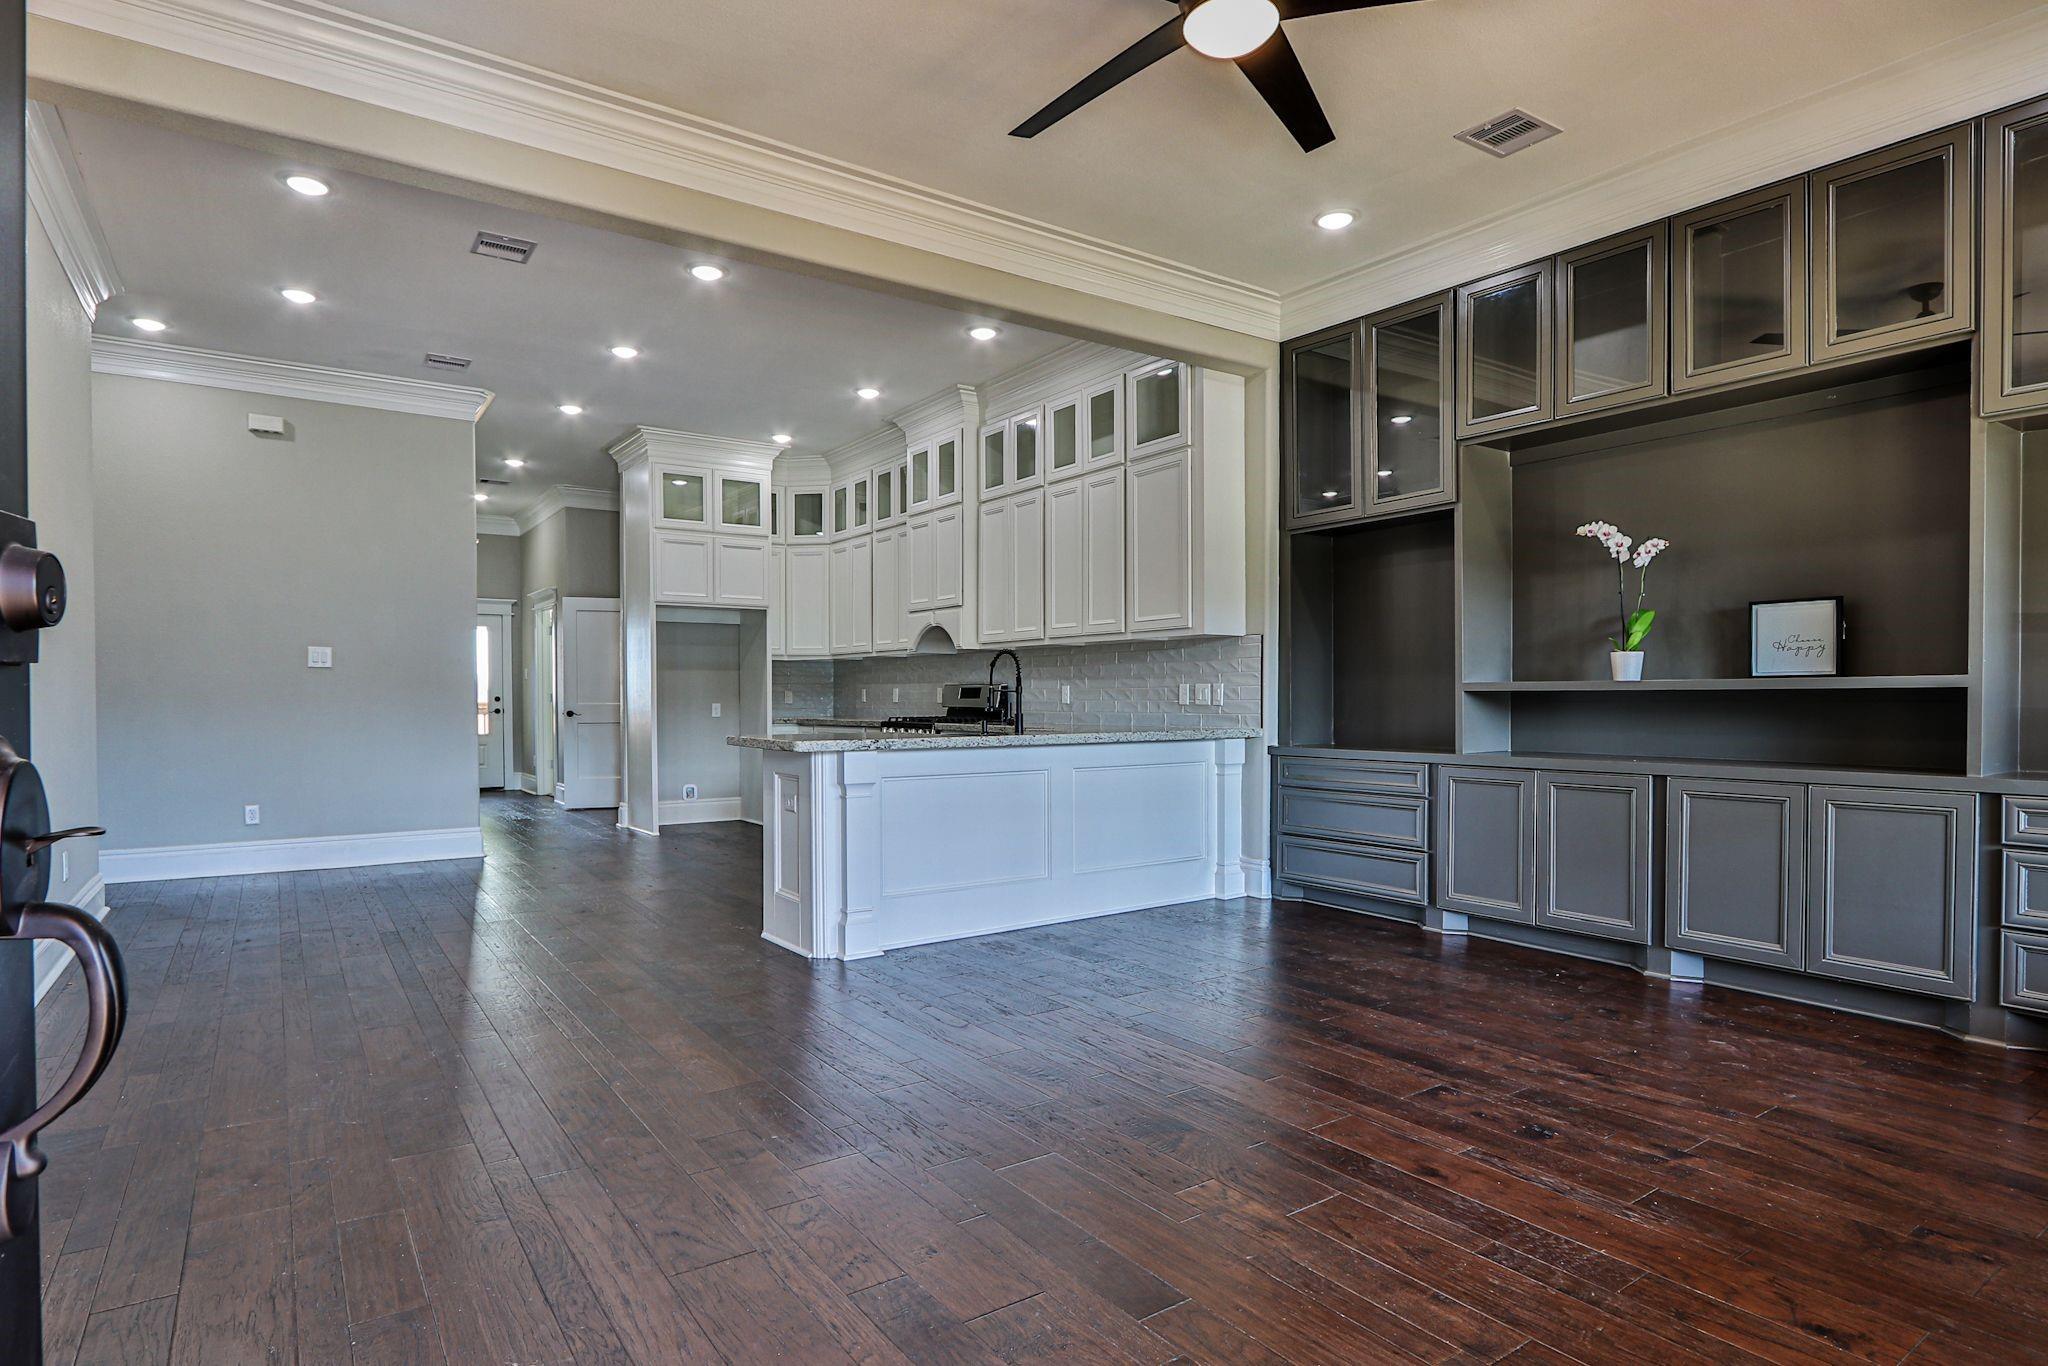 Allen A C J Austin Sur Real Estate Listings Main Image